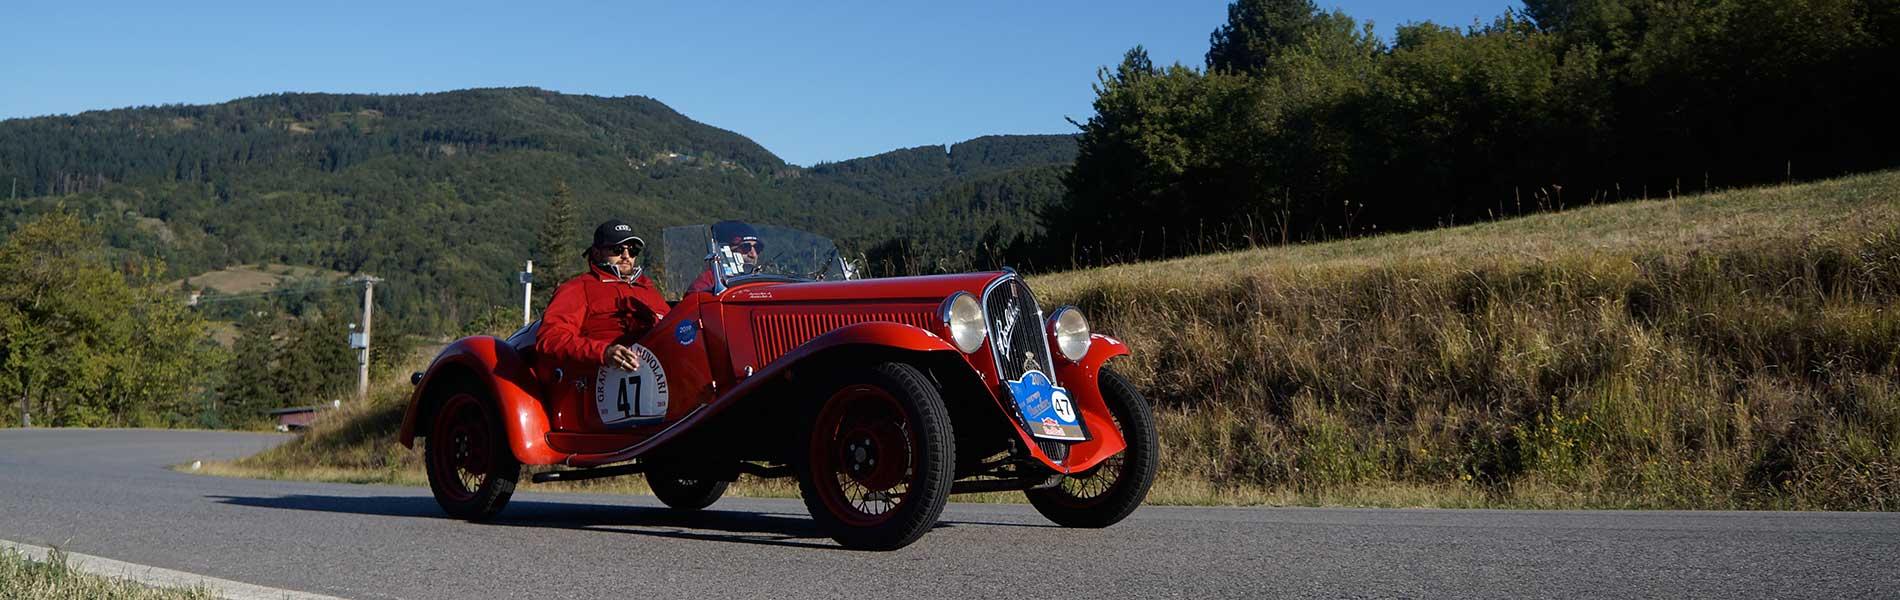 Fiat 508 S Balilla Coppa Oro 1933 - #47 - Gran Premio Nuvolari 2019